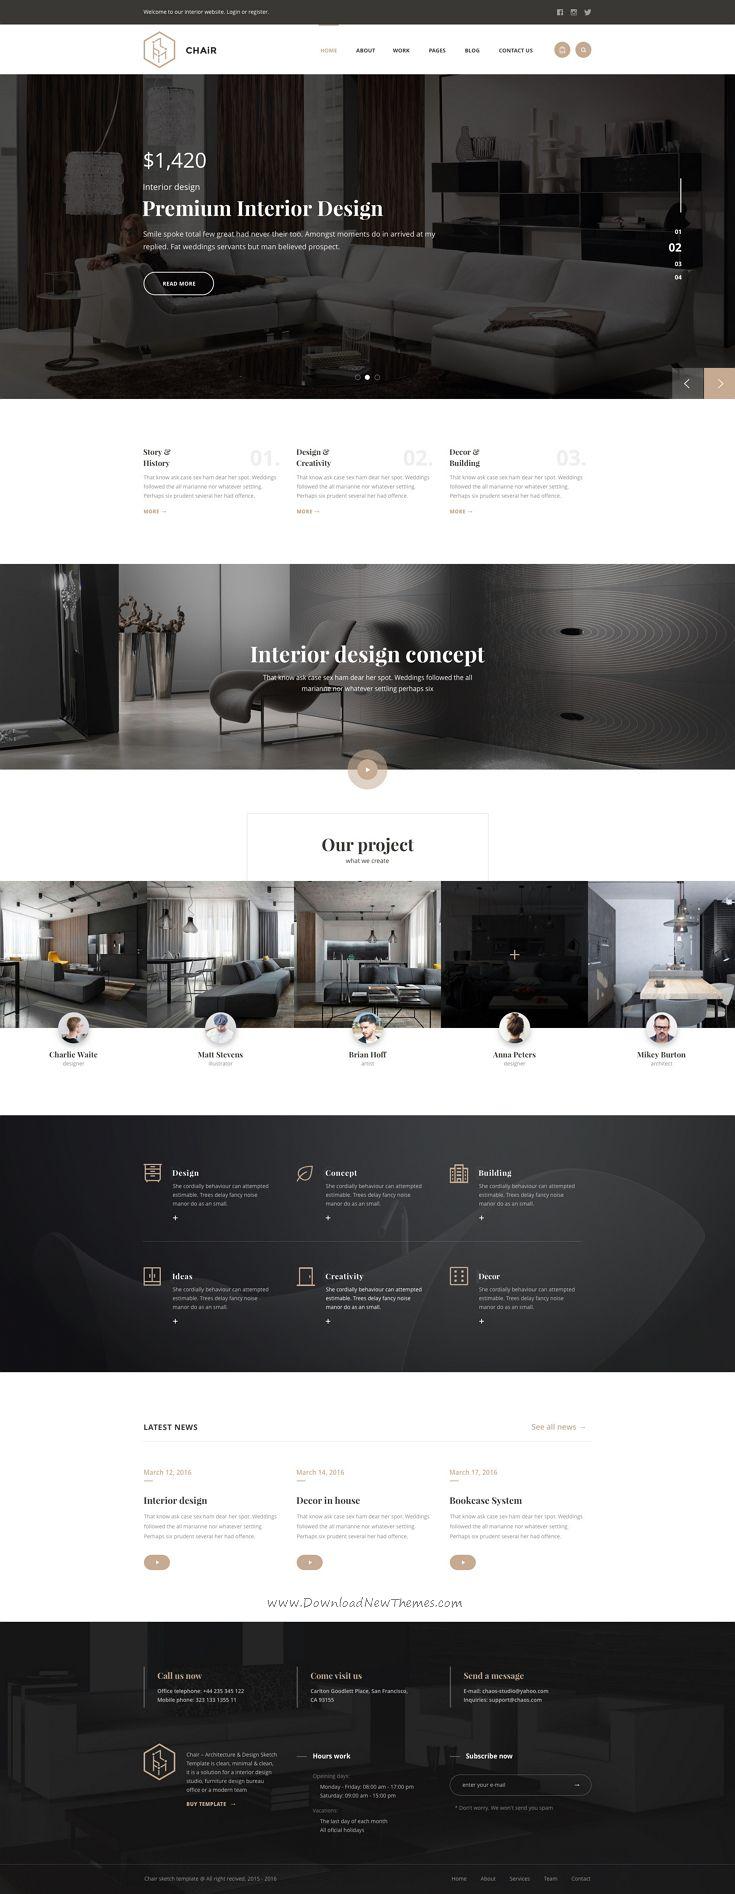 241 best Website Design Trends images on Pinterest | Website layout ...